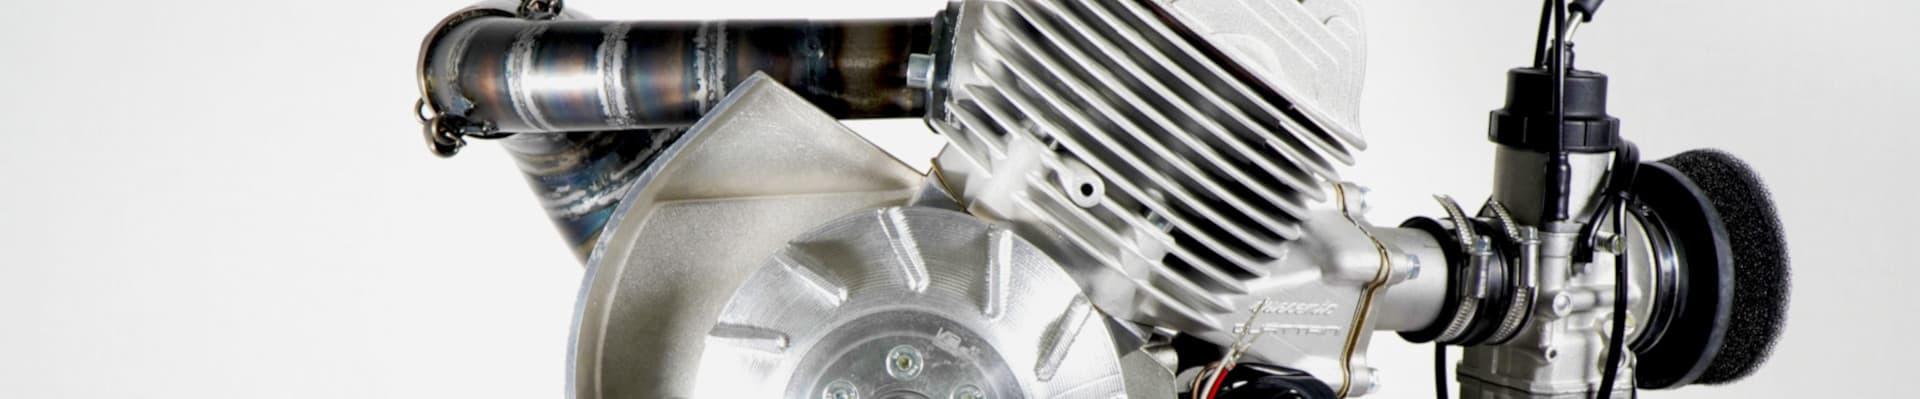 Componenti meccanici originali, elaborazioni e ricambi Vespa Smallframe Largeframe